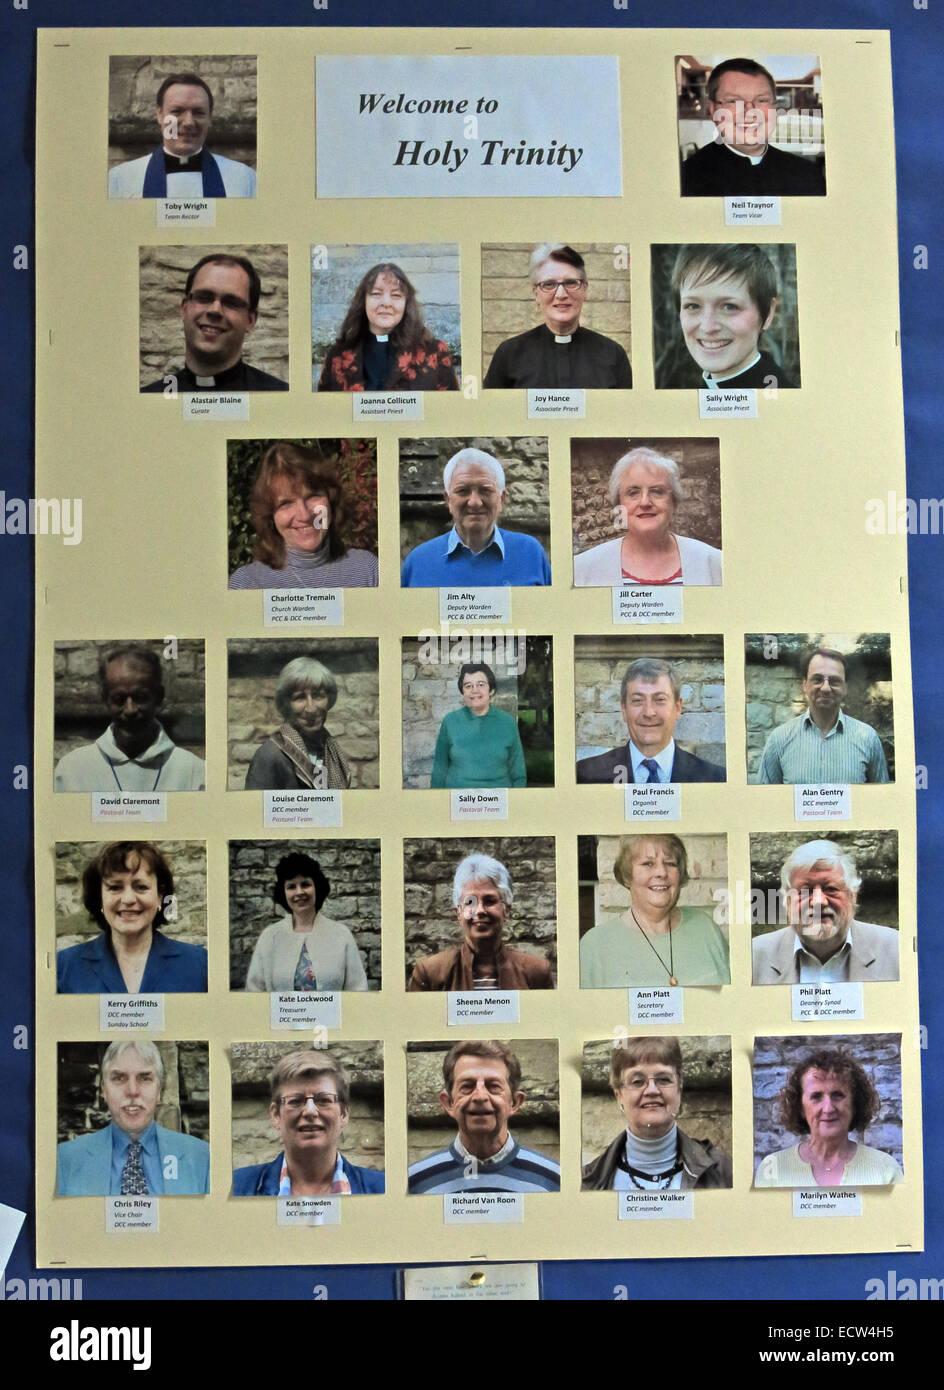 Laden Sie dieses Alamy Stockfoto Willkommen bei der Heiligsten Dreifaltigkeit Woodgreen Witney, West Oxfordshire, England UK - ECW4H5